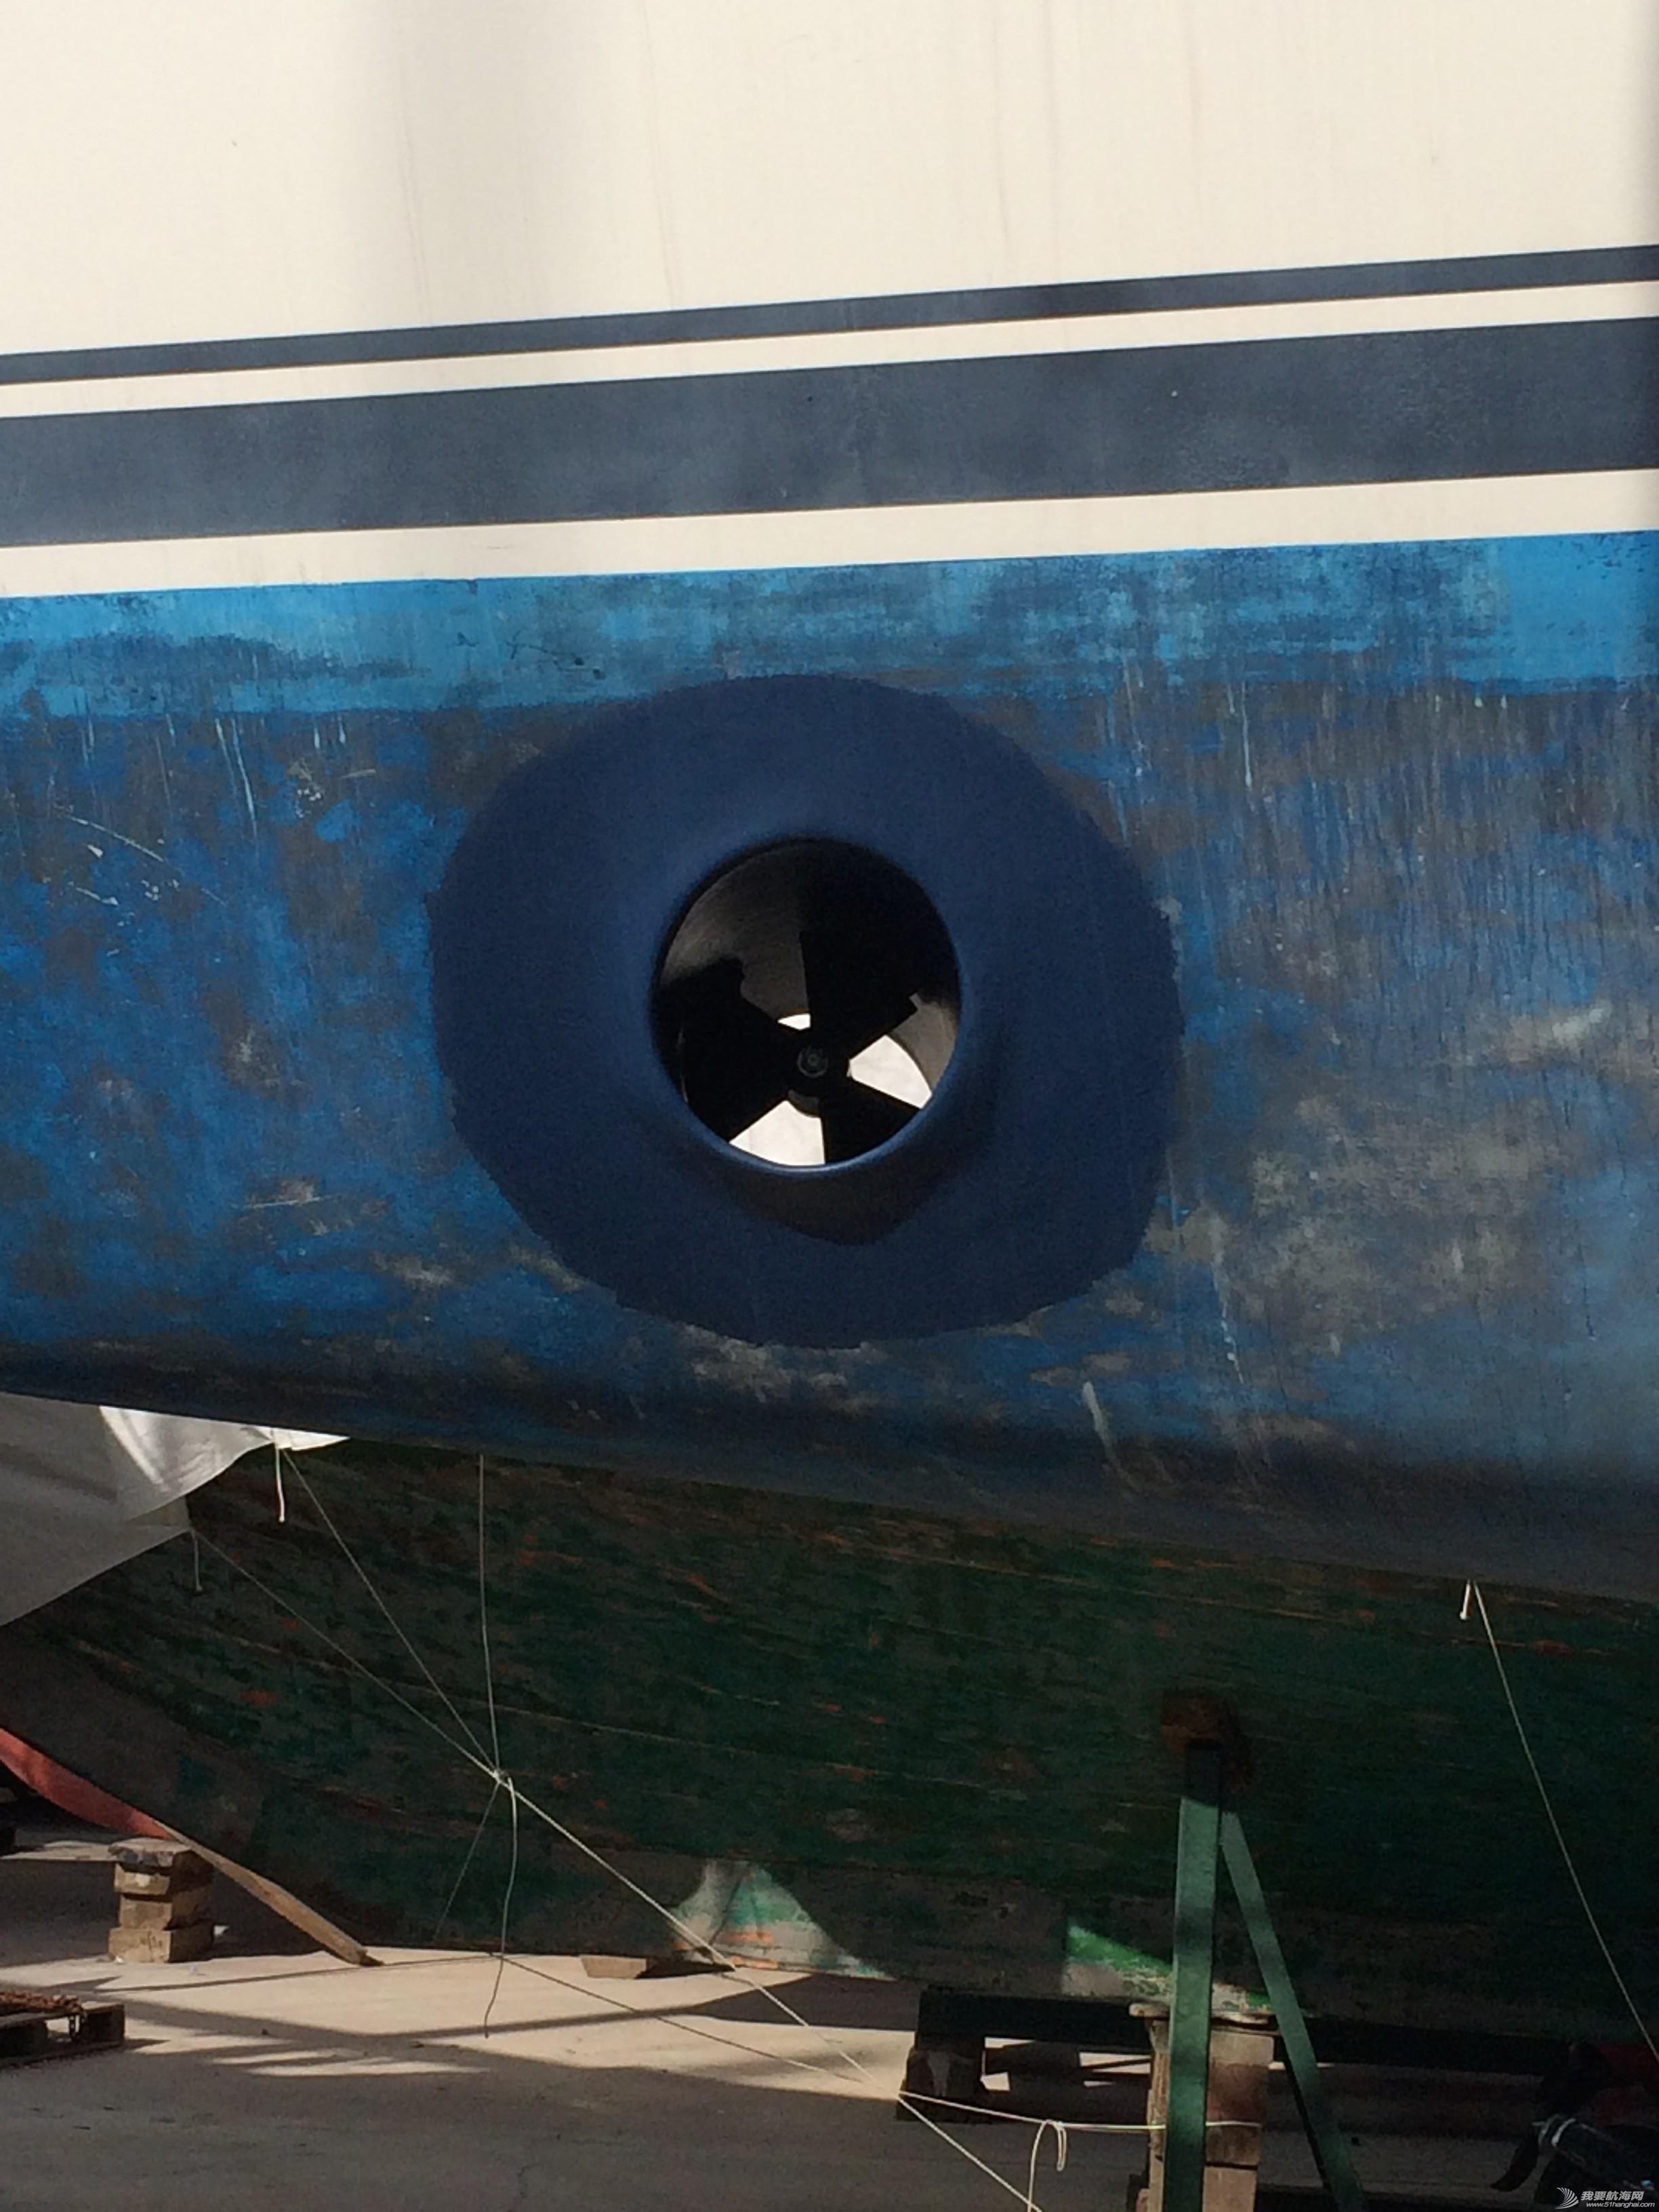 推进器,帆船 帆船需不需要安装侧向推进器? 帆船的侧向推进器